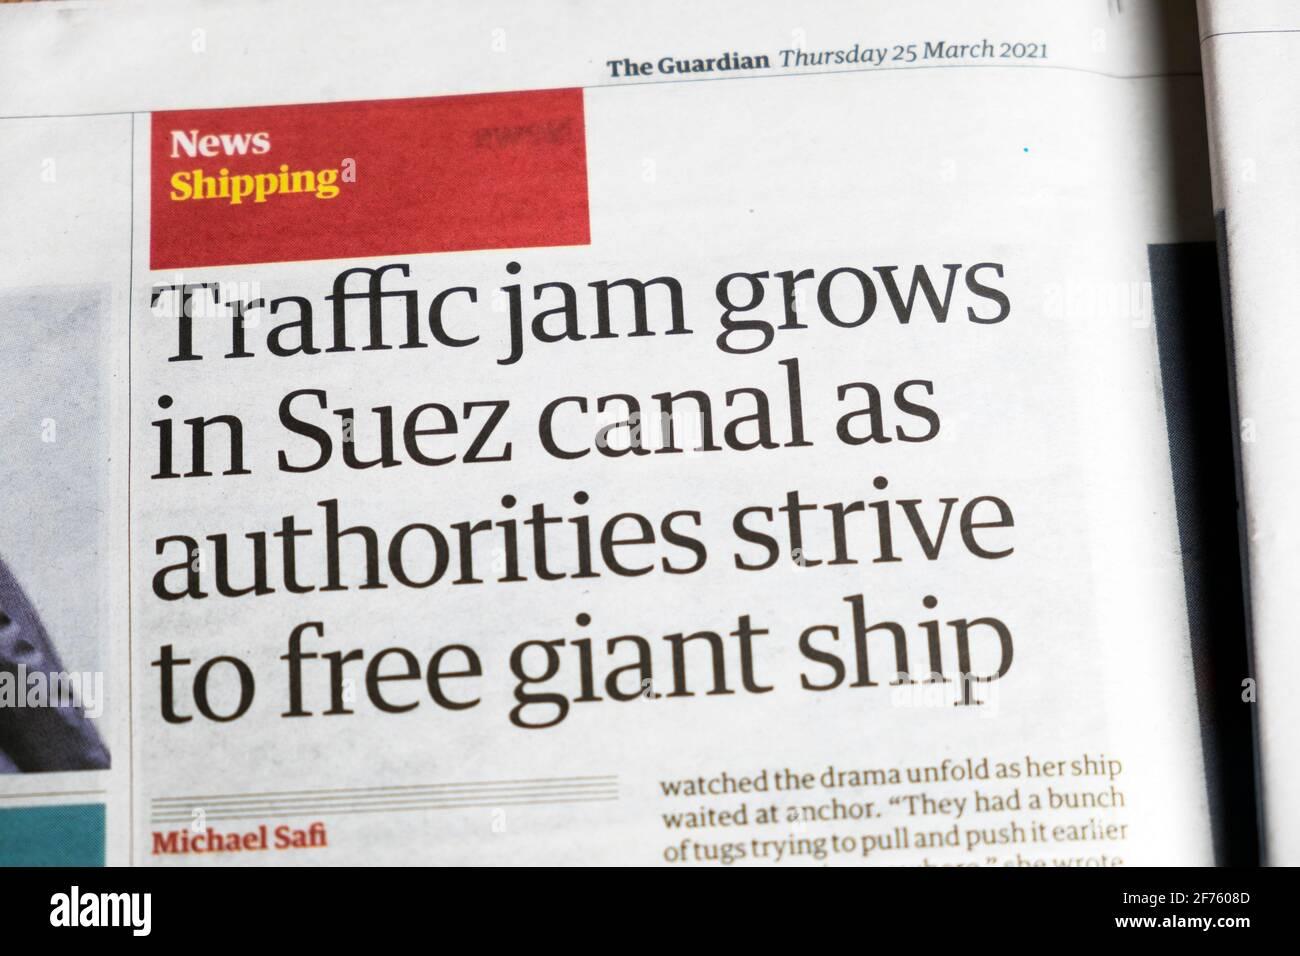 Notizie di spedizione 'la marmellata di traffico cresce nel canale di Suez come autorità Sforzatevi di liberare il giornale della nave gigante titolo articolo Guardian 25 Marzo 2021 Londra UK Foto Stock